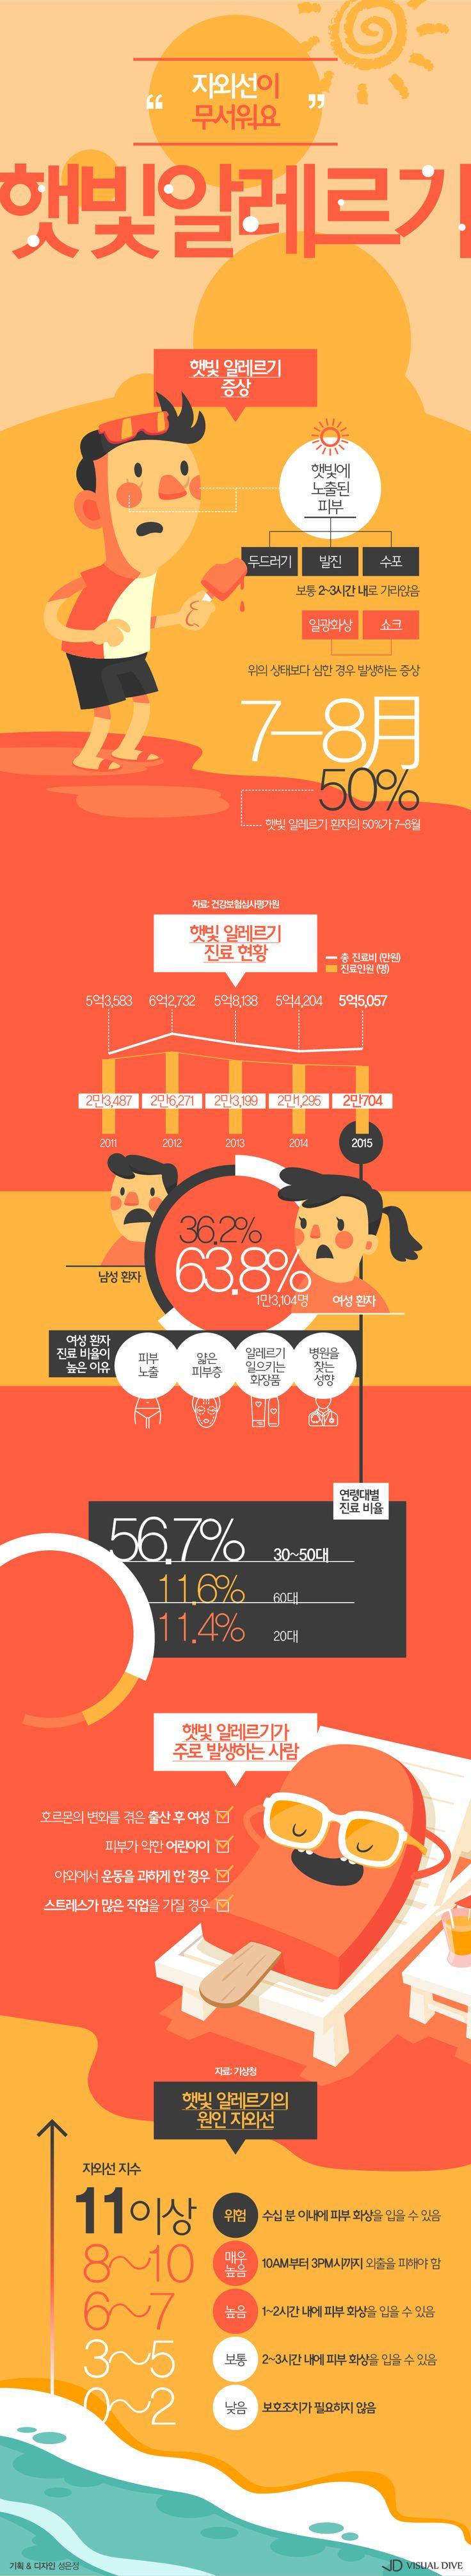 물놀이 후 화끈거리는 피부…나도 혹시 햇빛 알레르기? [인포그래픽] #sunlight / #Infographic ⓒ 비주얼다이브 무단 복사·전재·재배포 금지